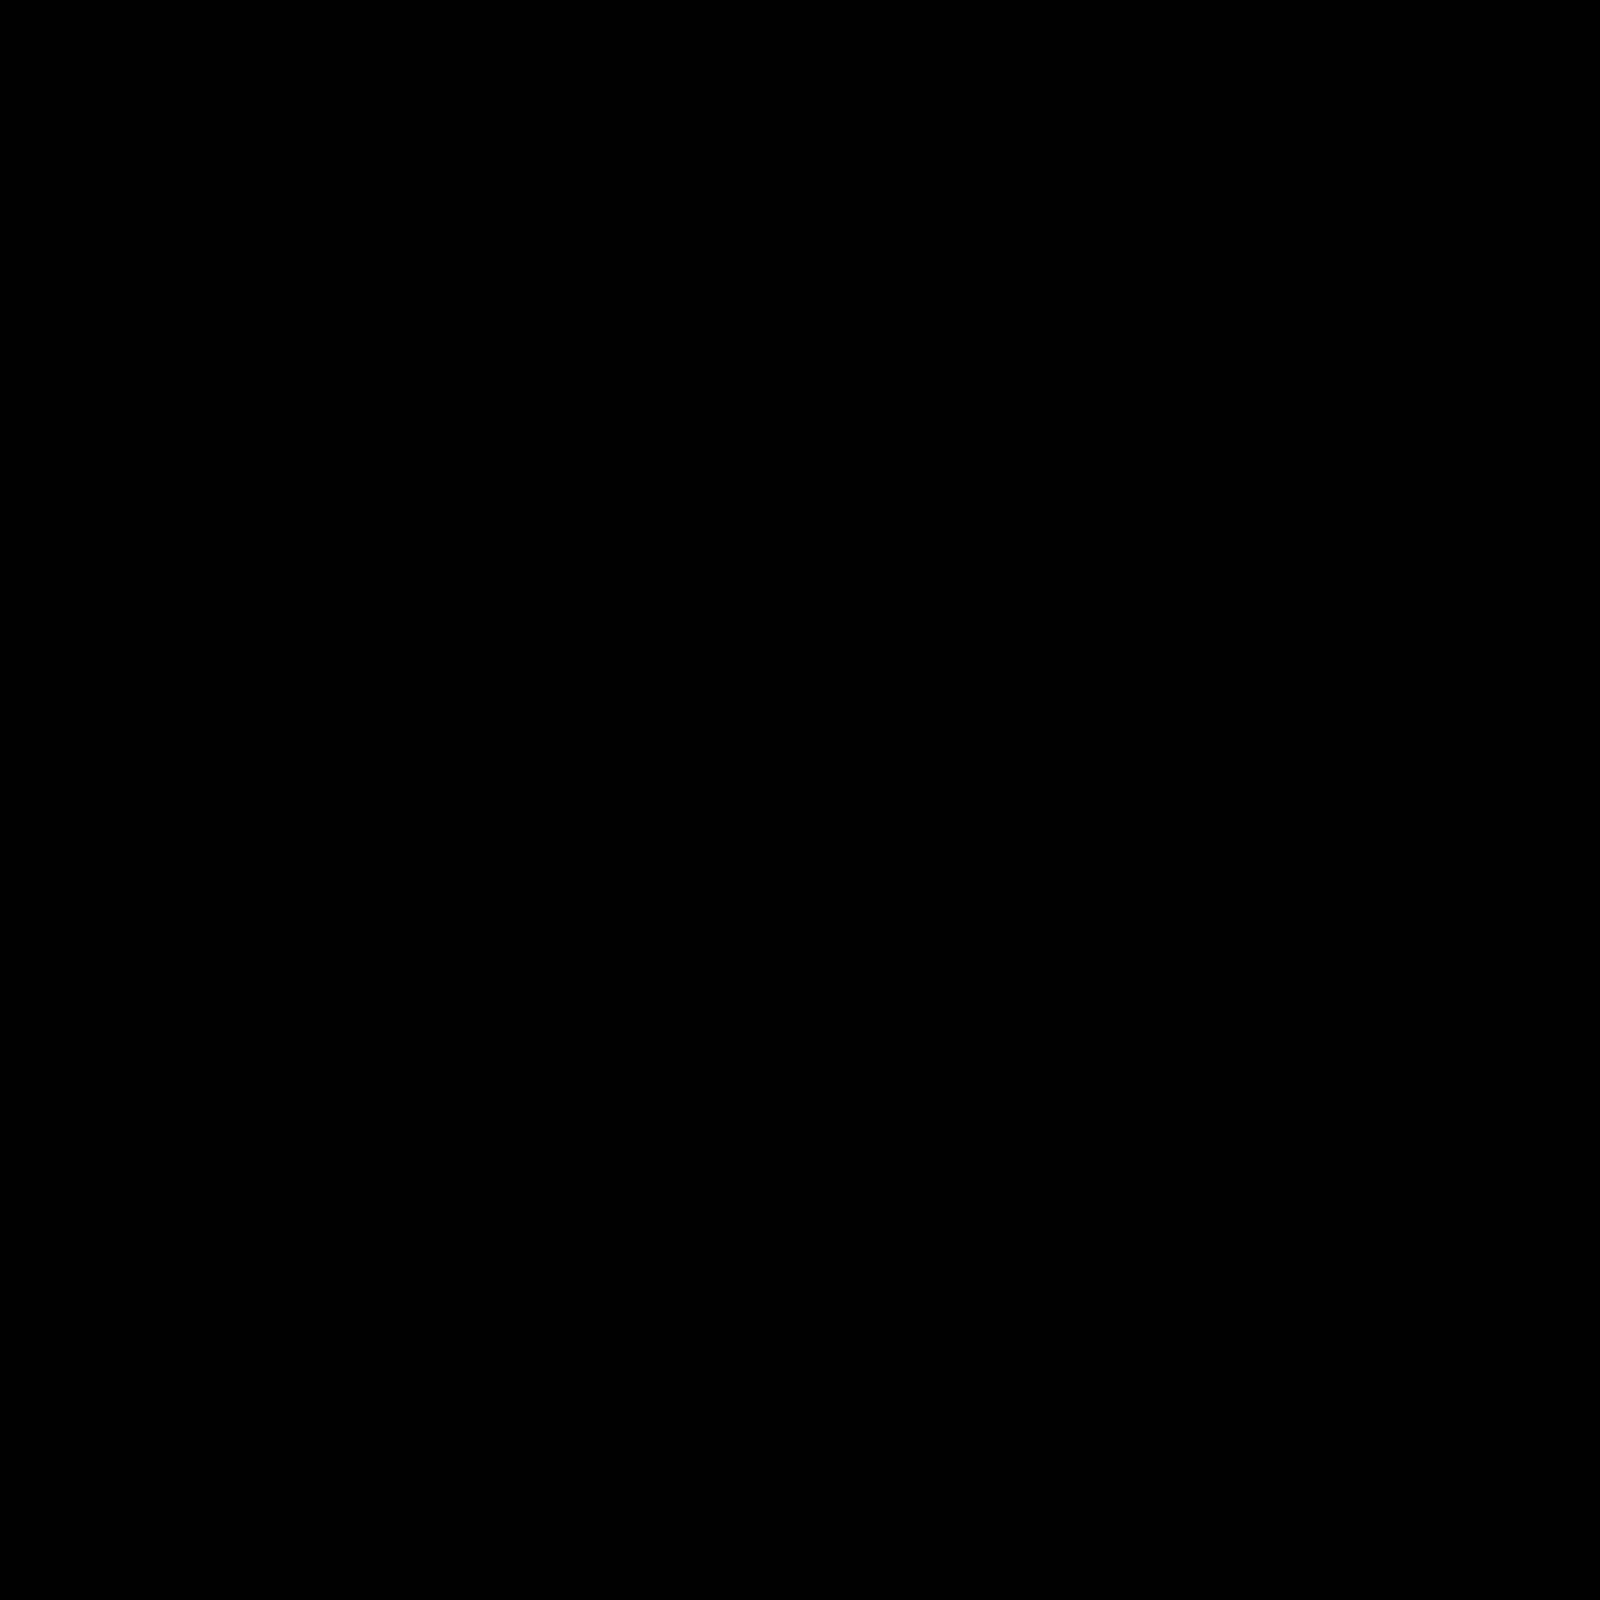 Плохие поросята icon